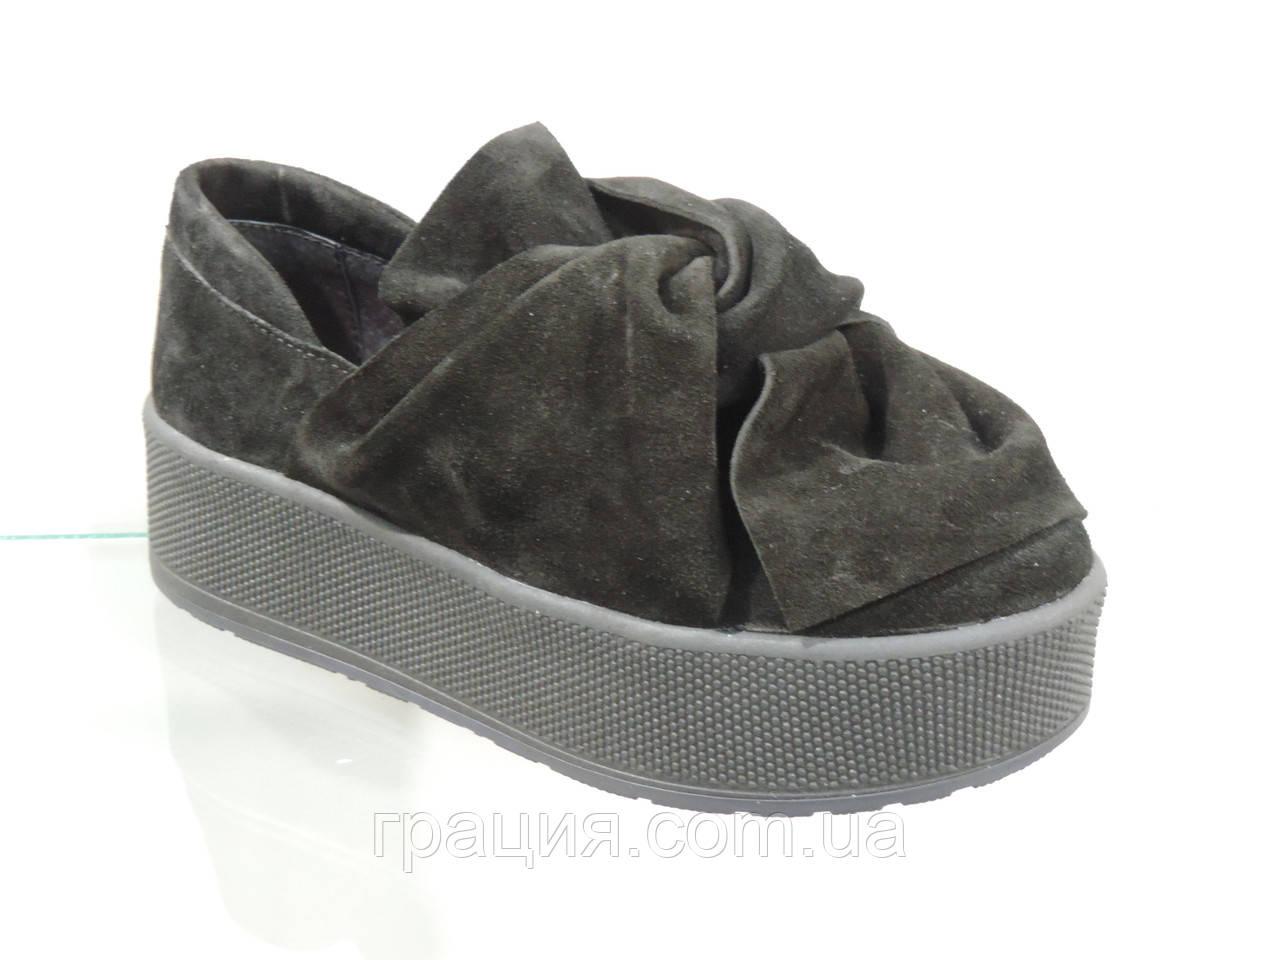 Модные молодежные туфли натуральная замша на платформе